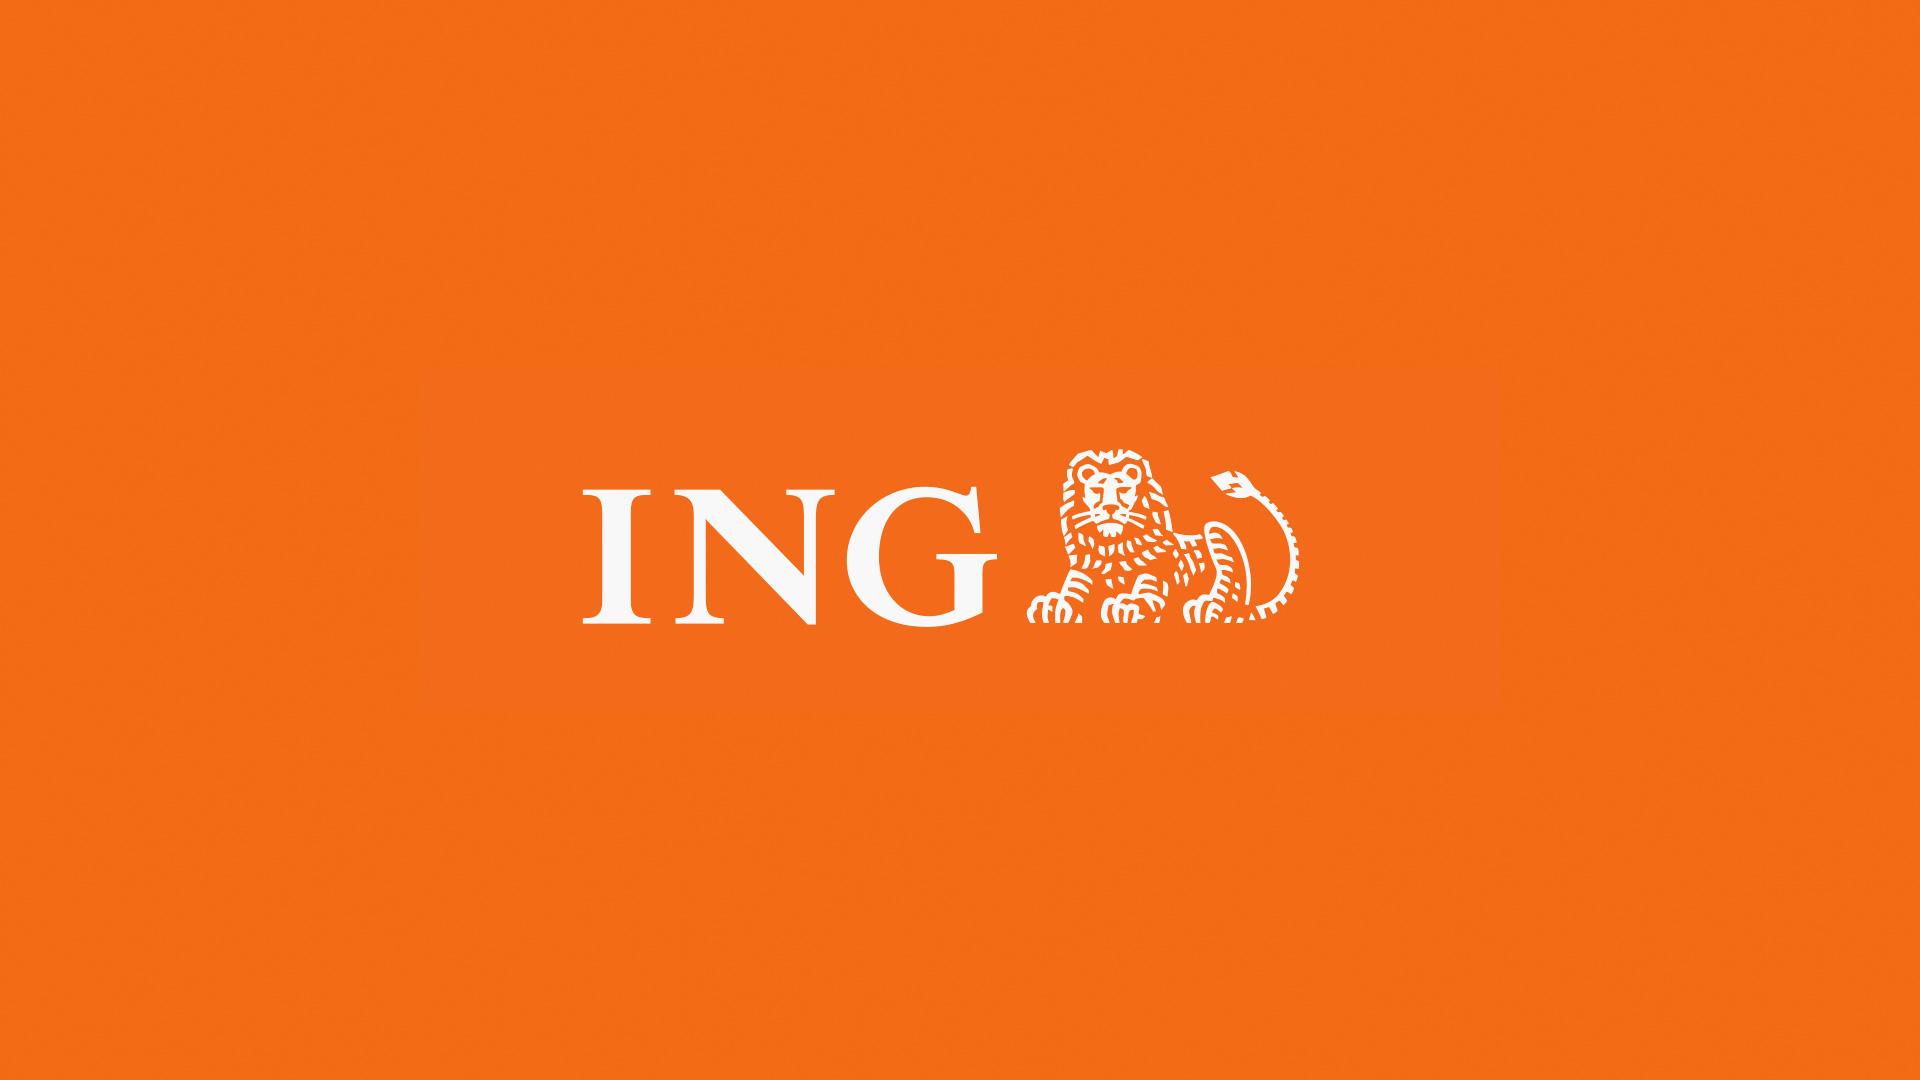 ING20